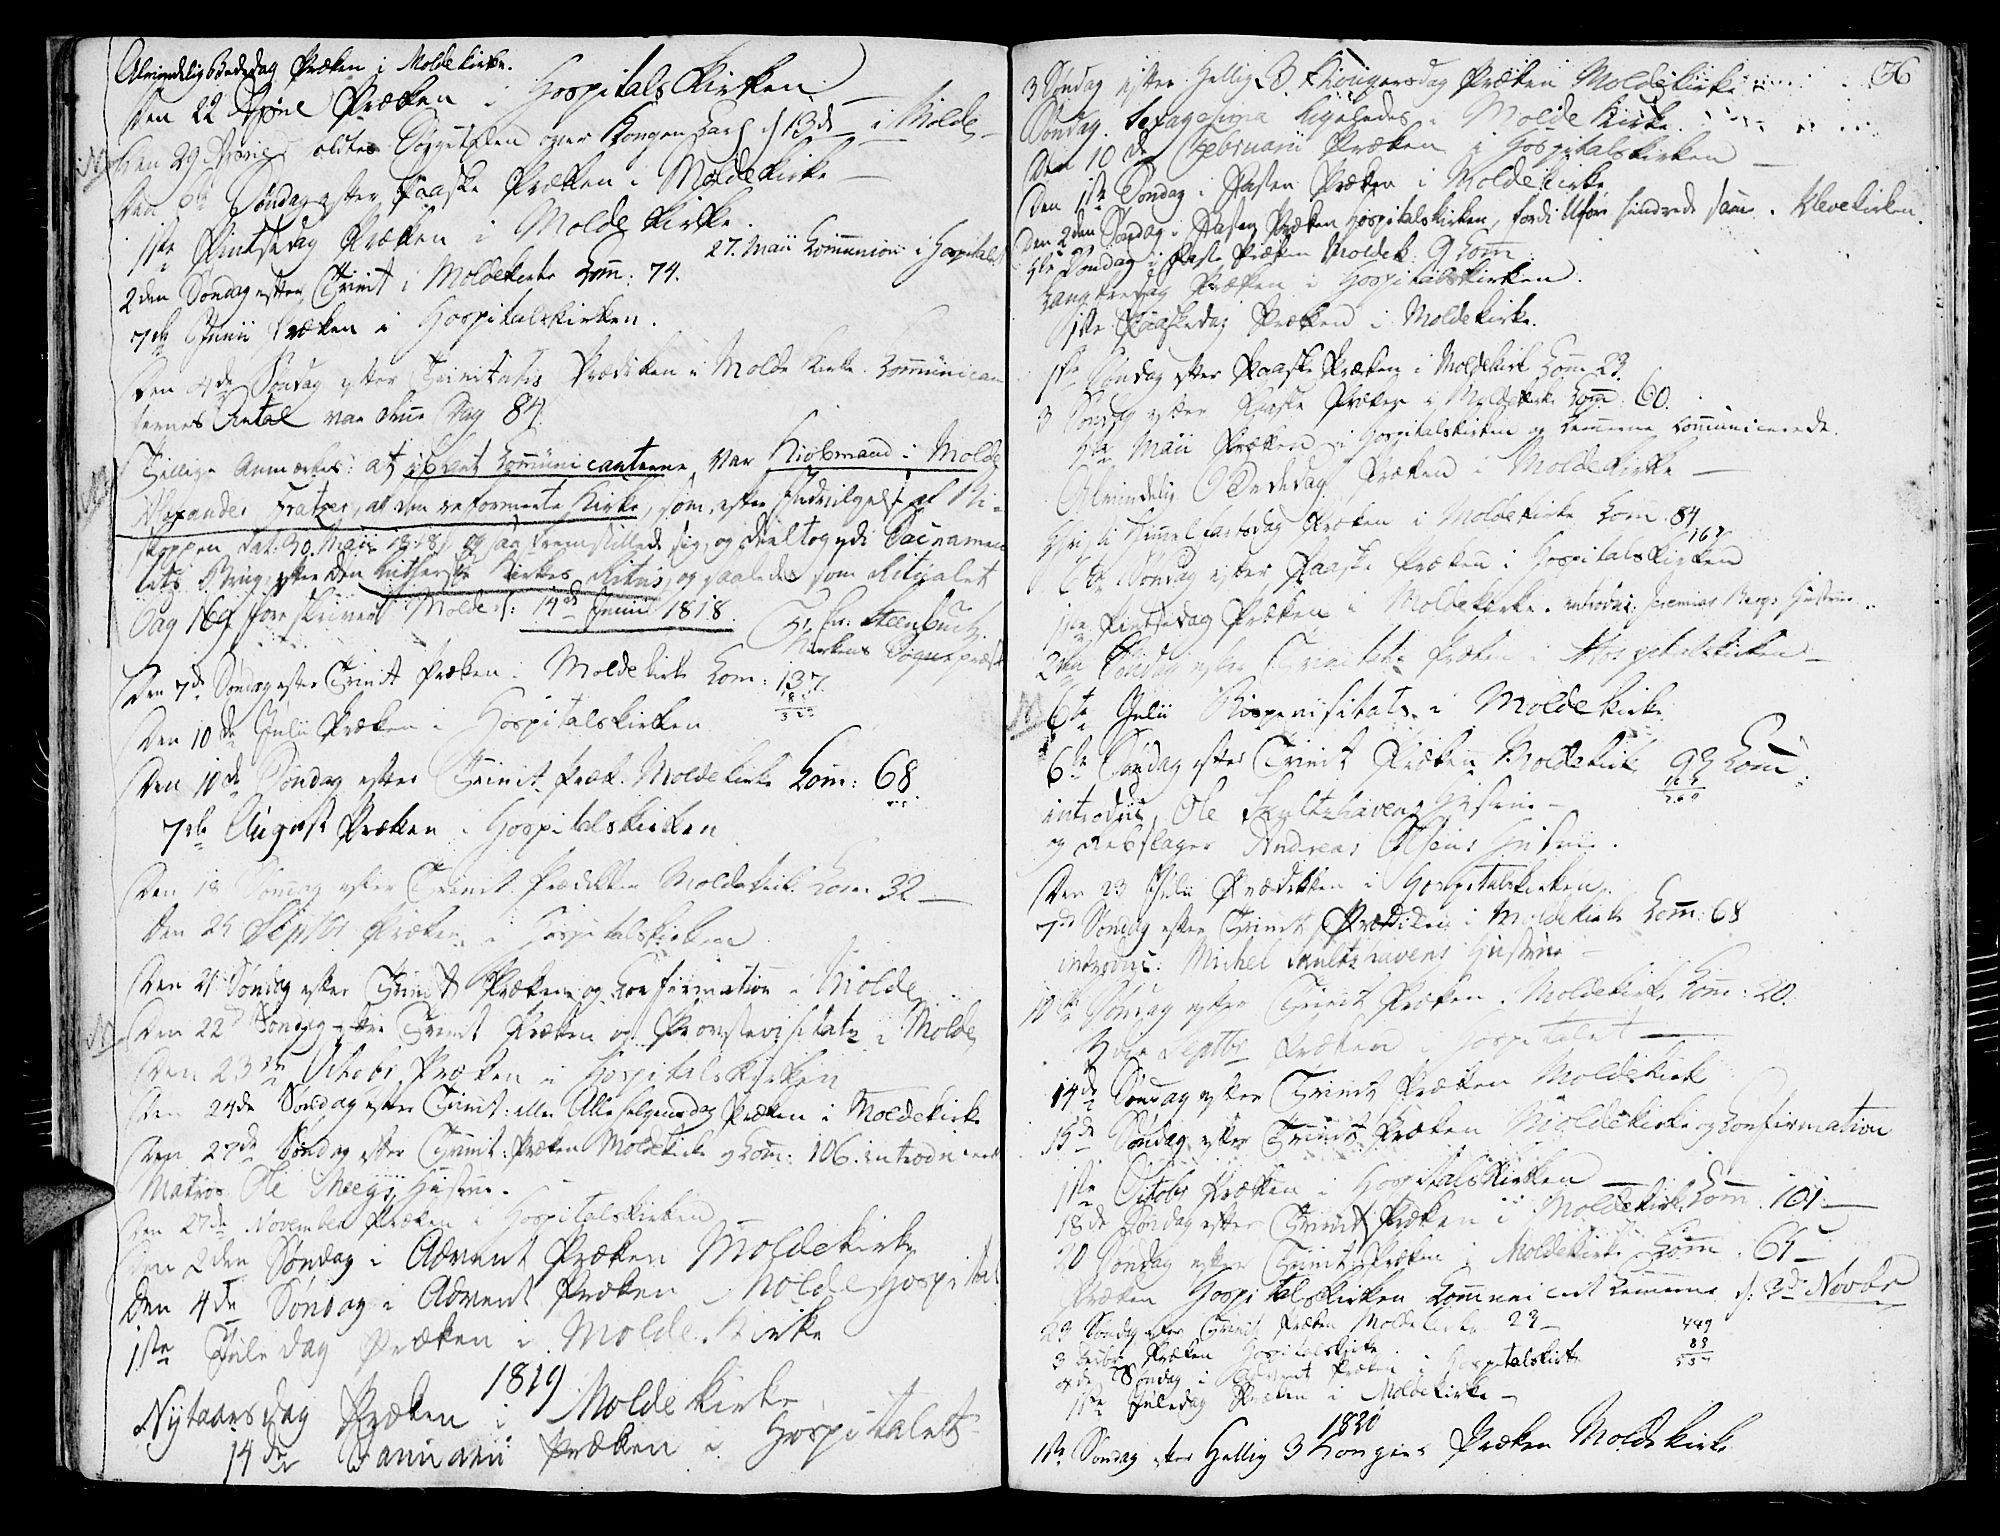 SAT, Ministerialprotokoller, klokkerbøker og fødselsregistre - Møre og Romsdal, 558/L0687: Ministerialbok nr. 558A01, 1798-1818, s. 36